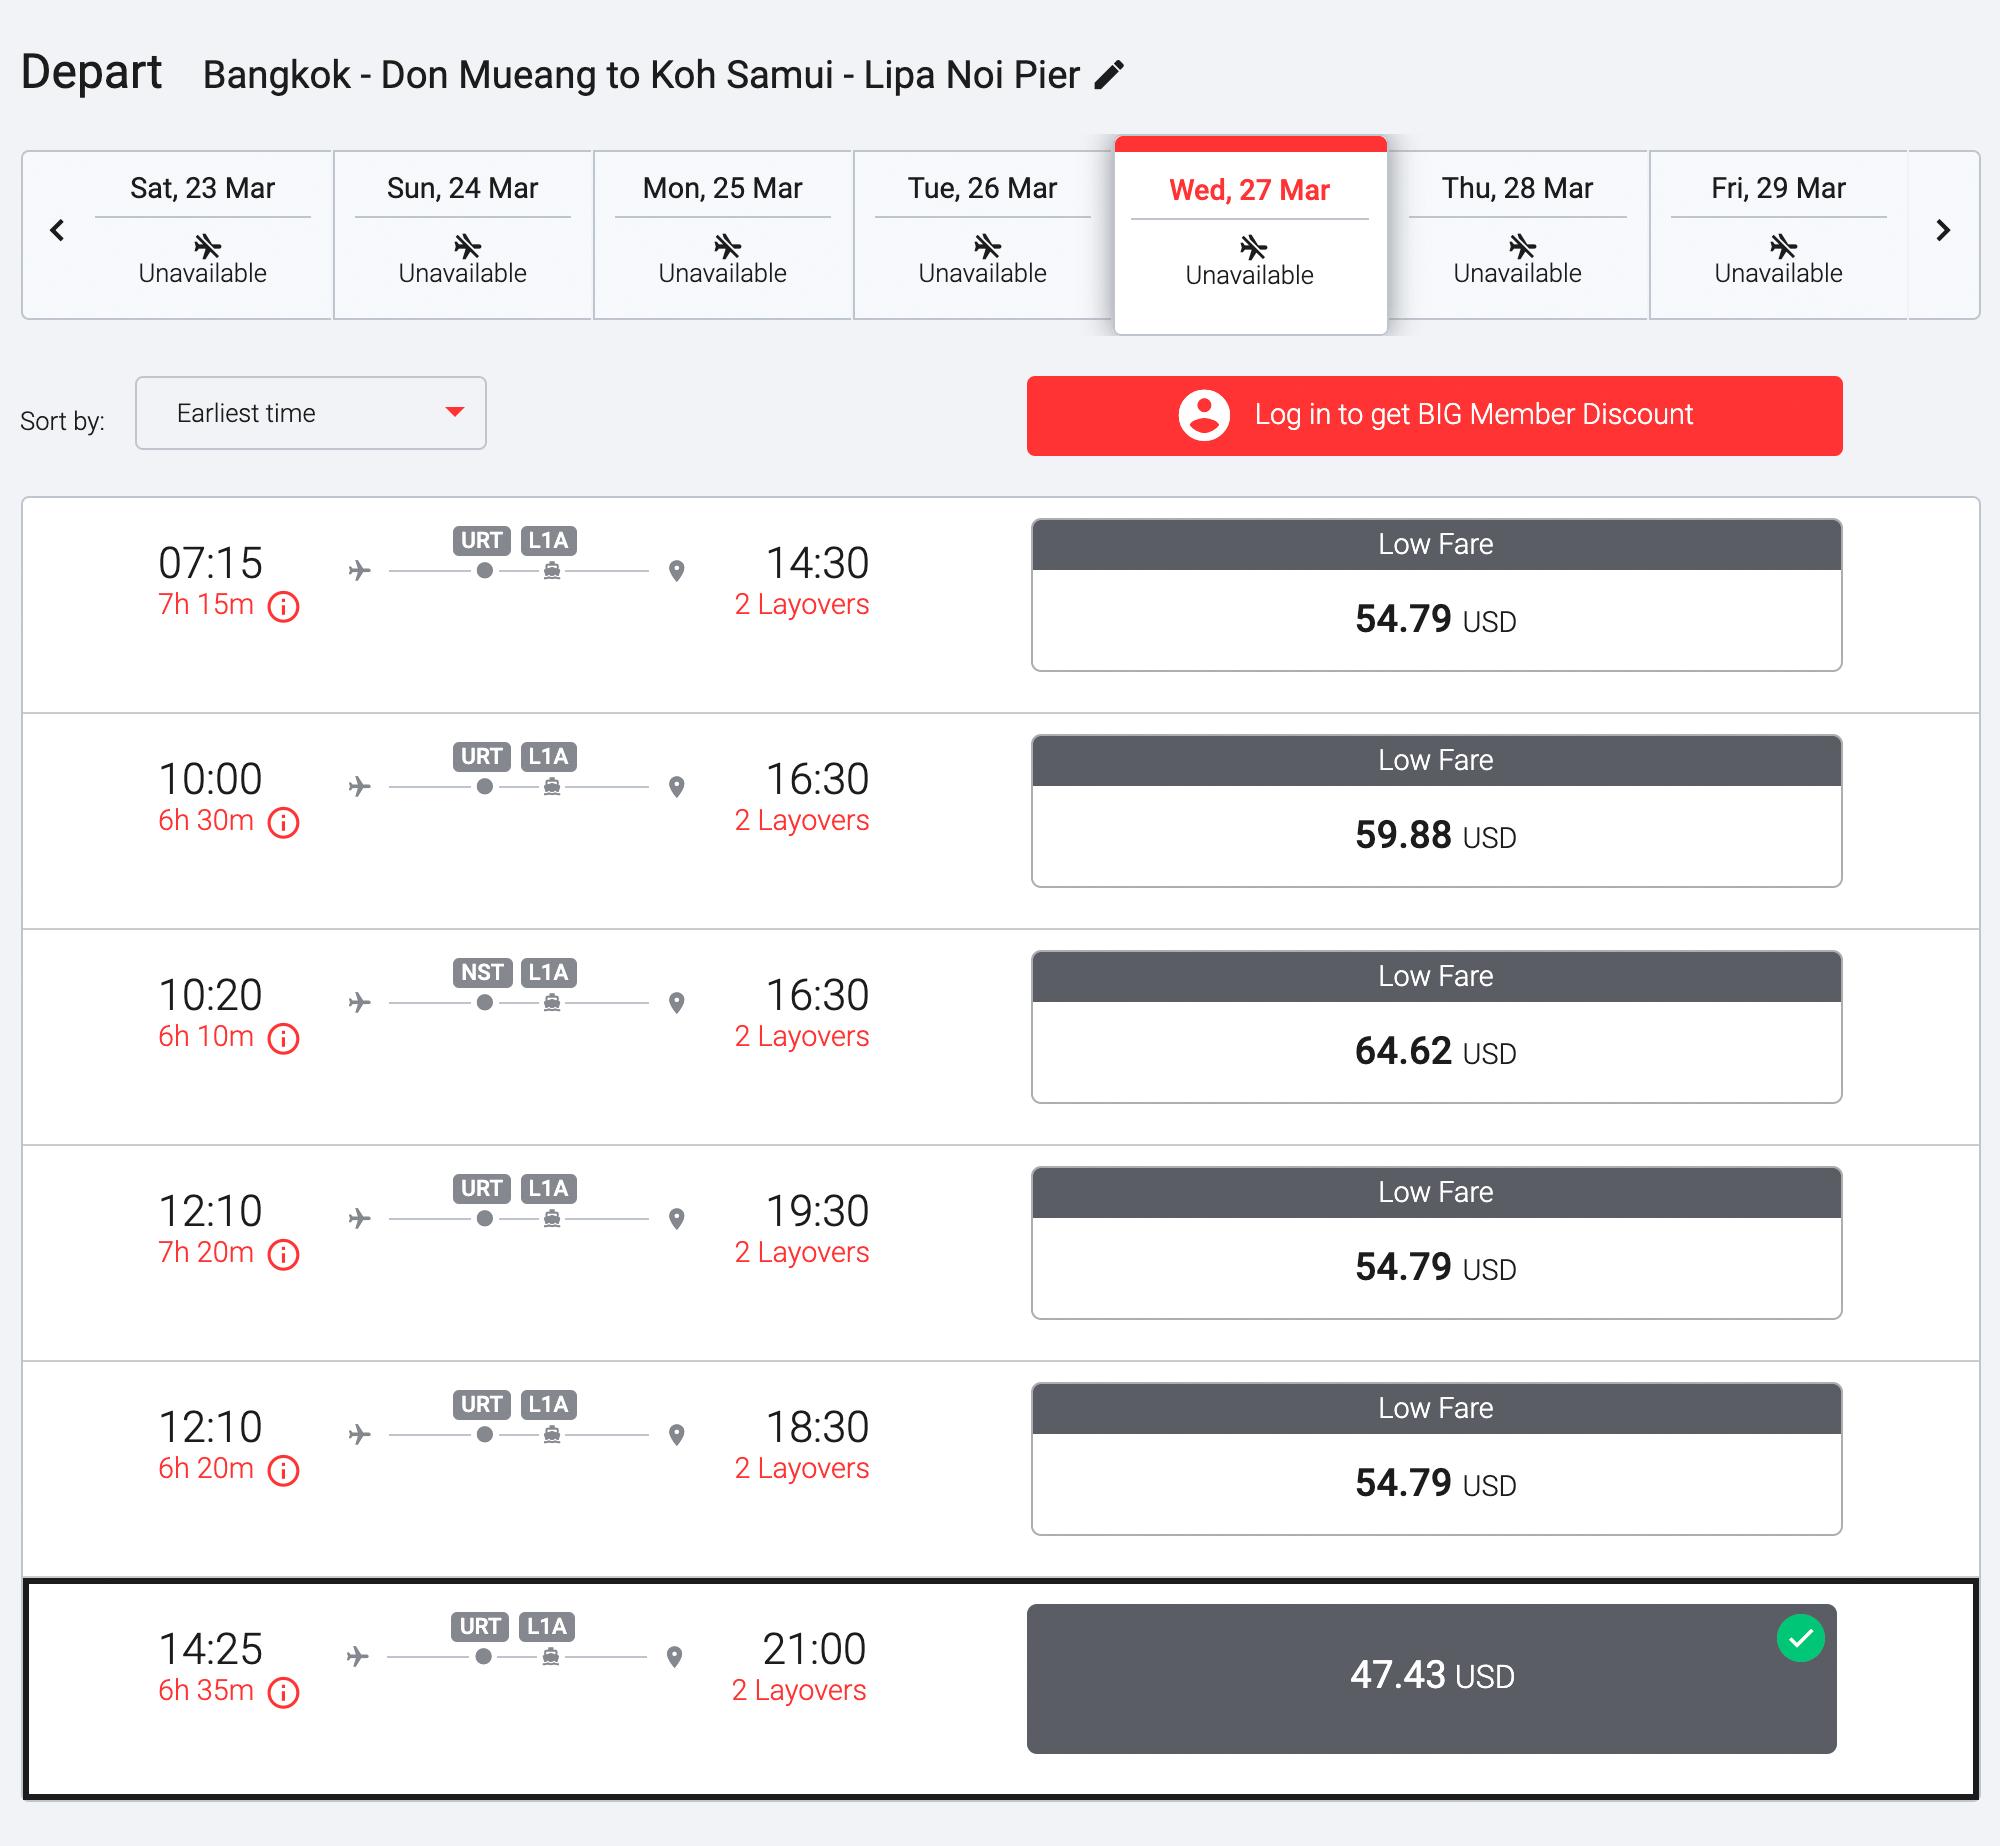 Самолеты «Эйр Азии» из Бангкока в Сураттхани летают часто, но такой путь будет гораздо дольше, чем прямой самолет «Бангкок Эйрвей» на остров Самуи